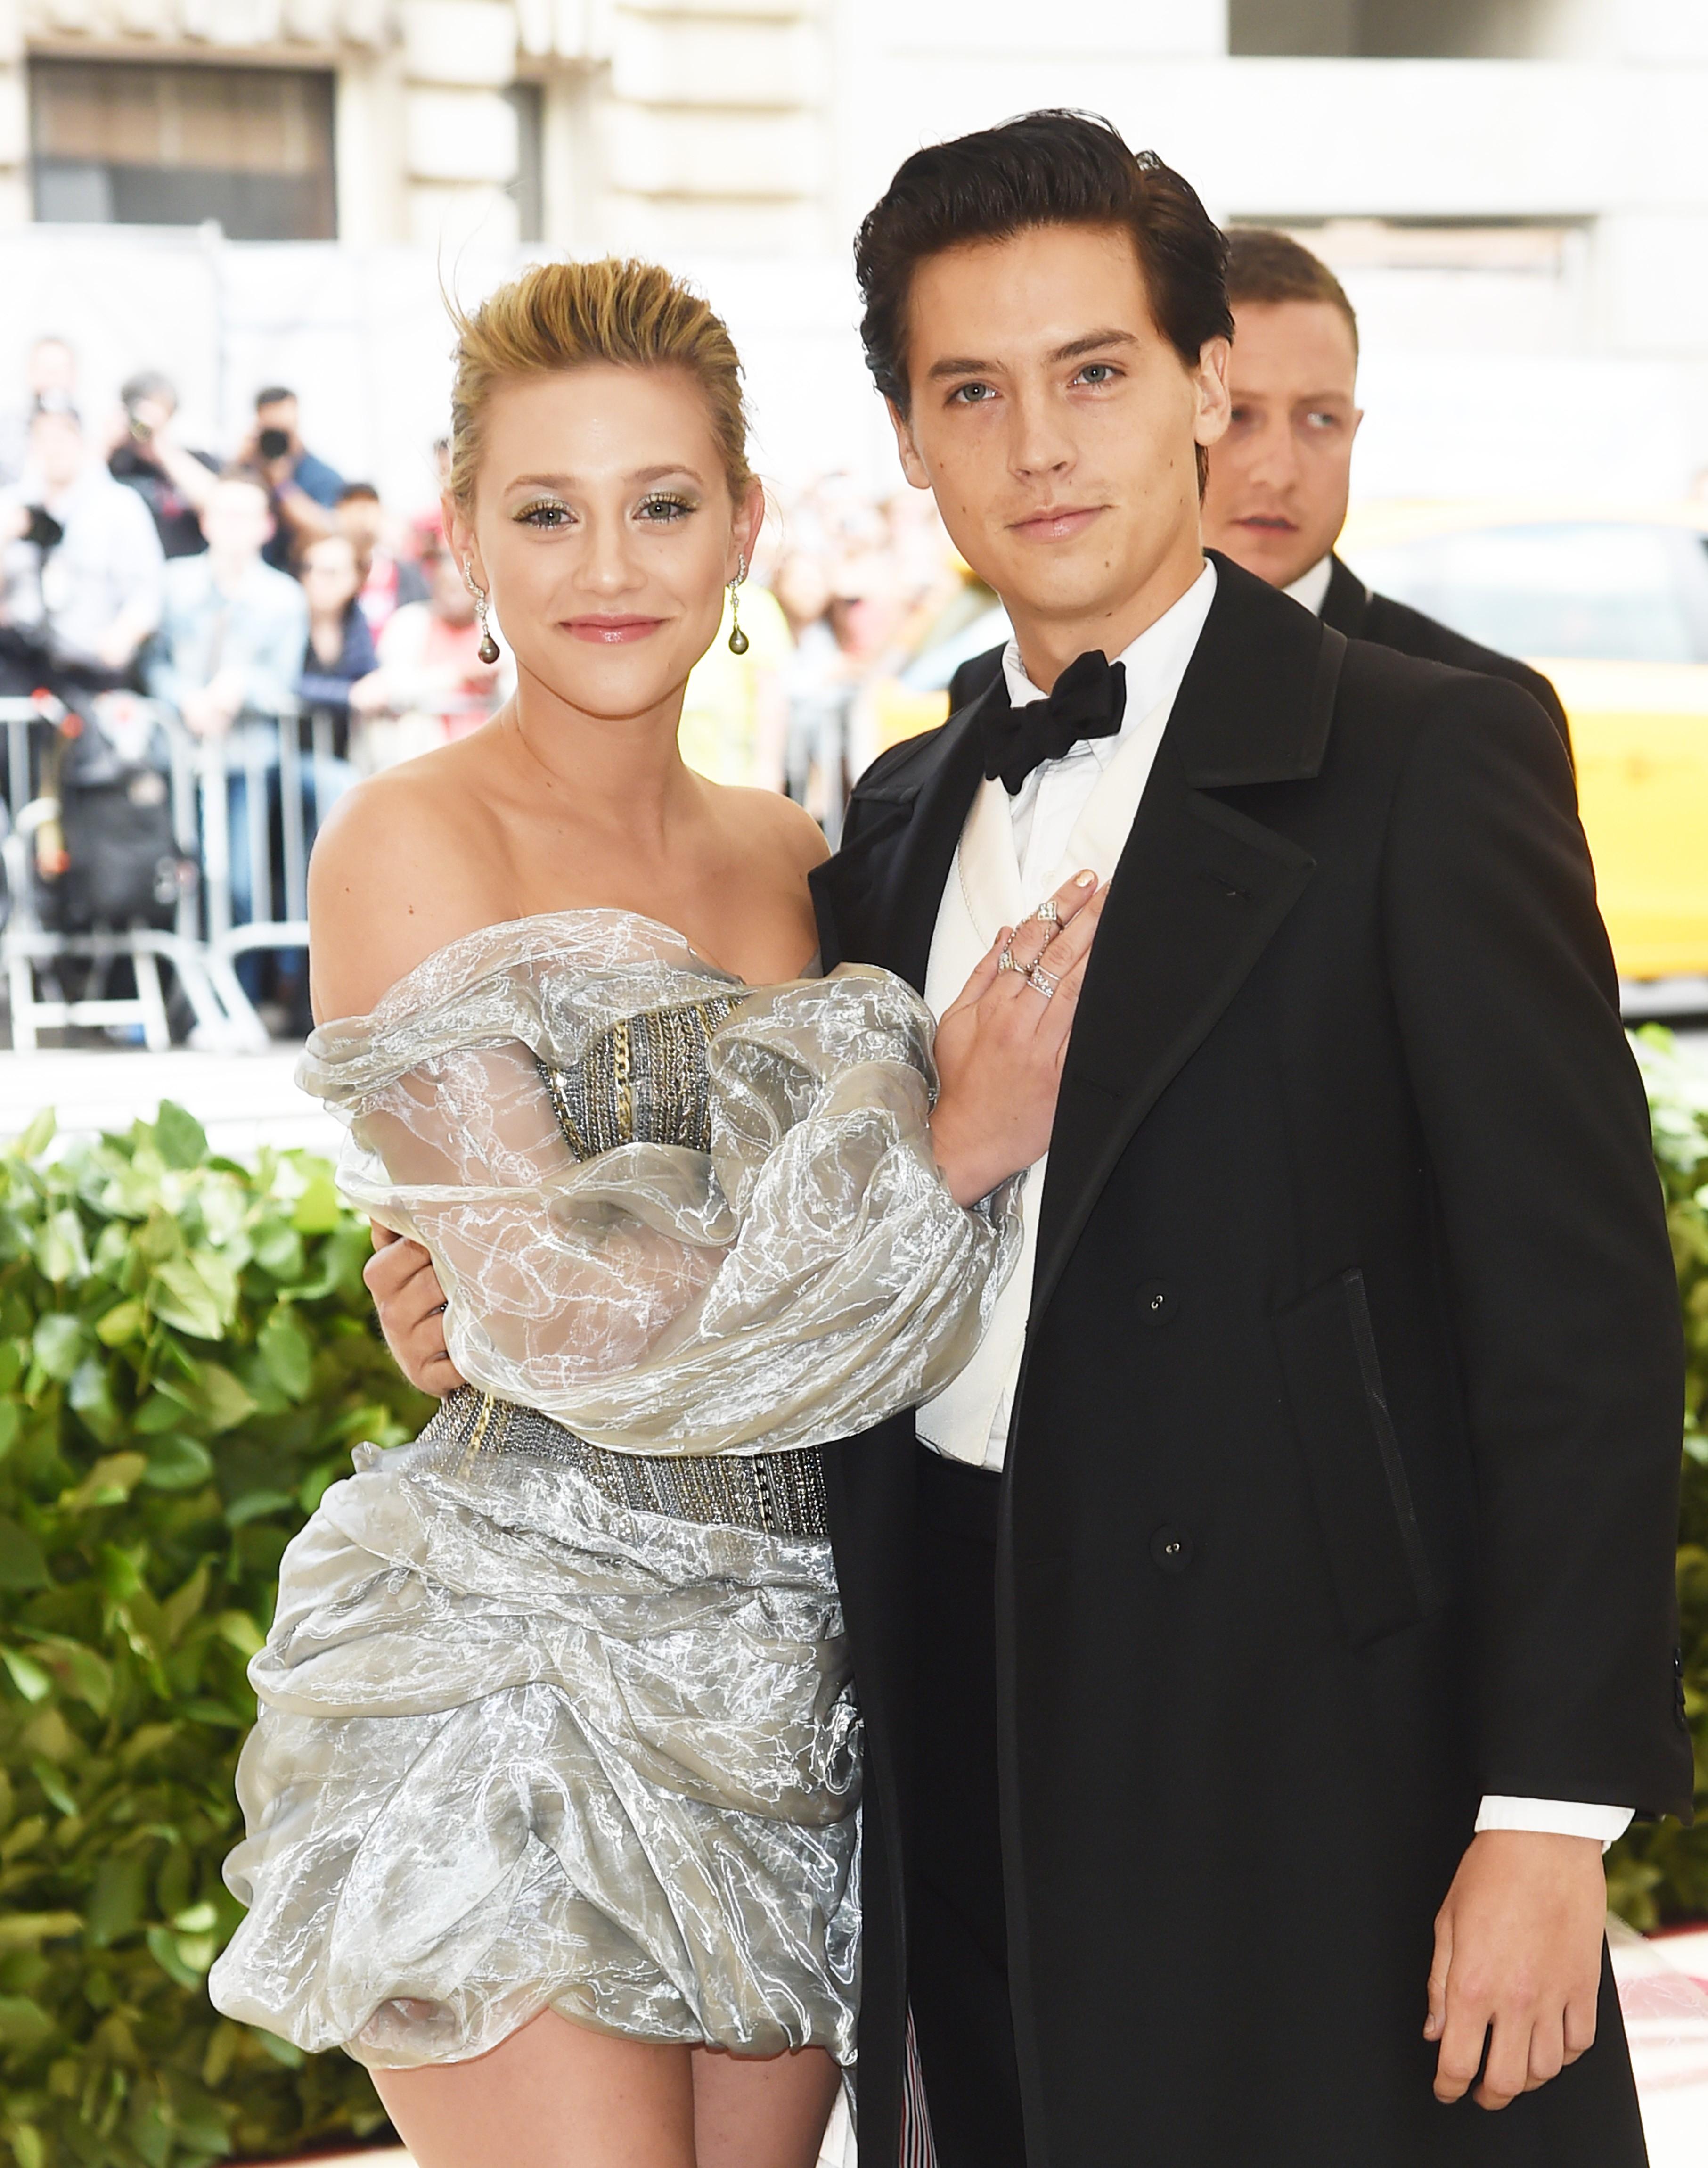 A atriz Lili Reinhart e o ator Cole Sprouse (Foto: Getty Images)